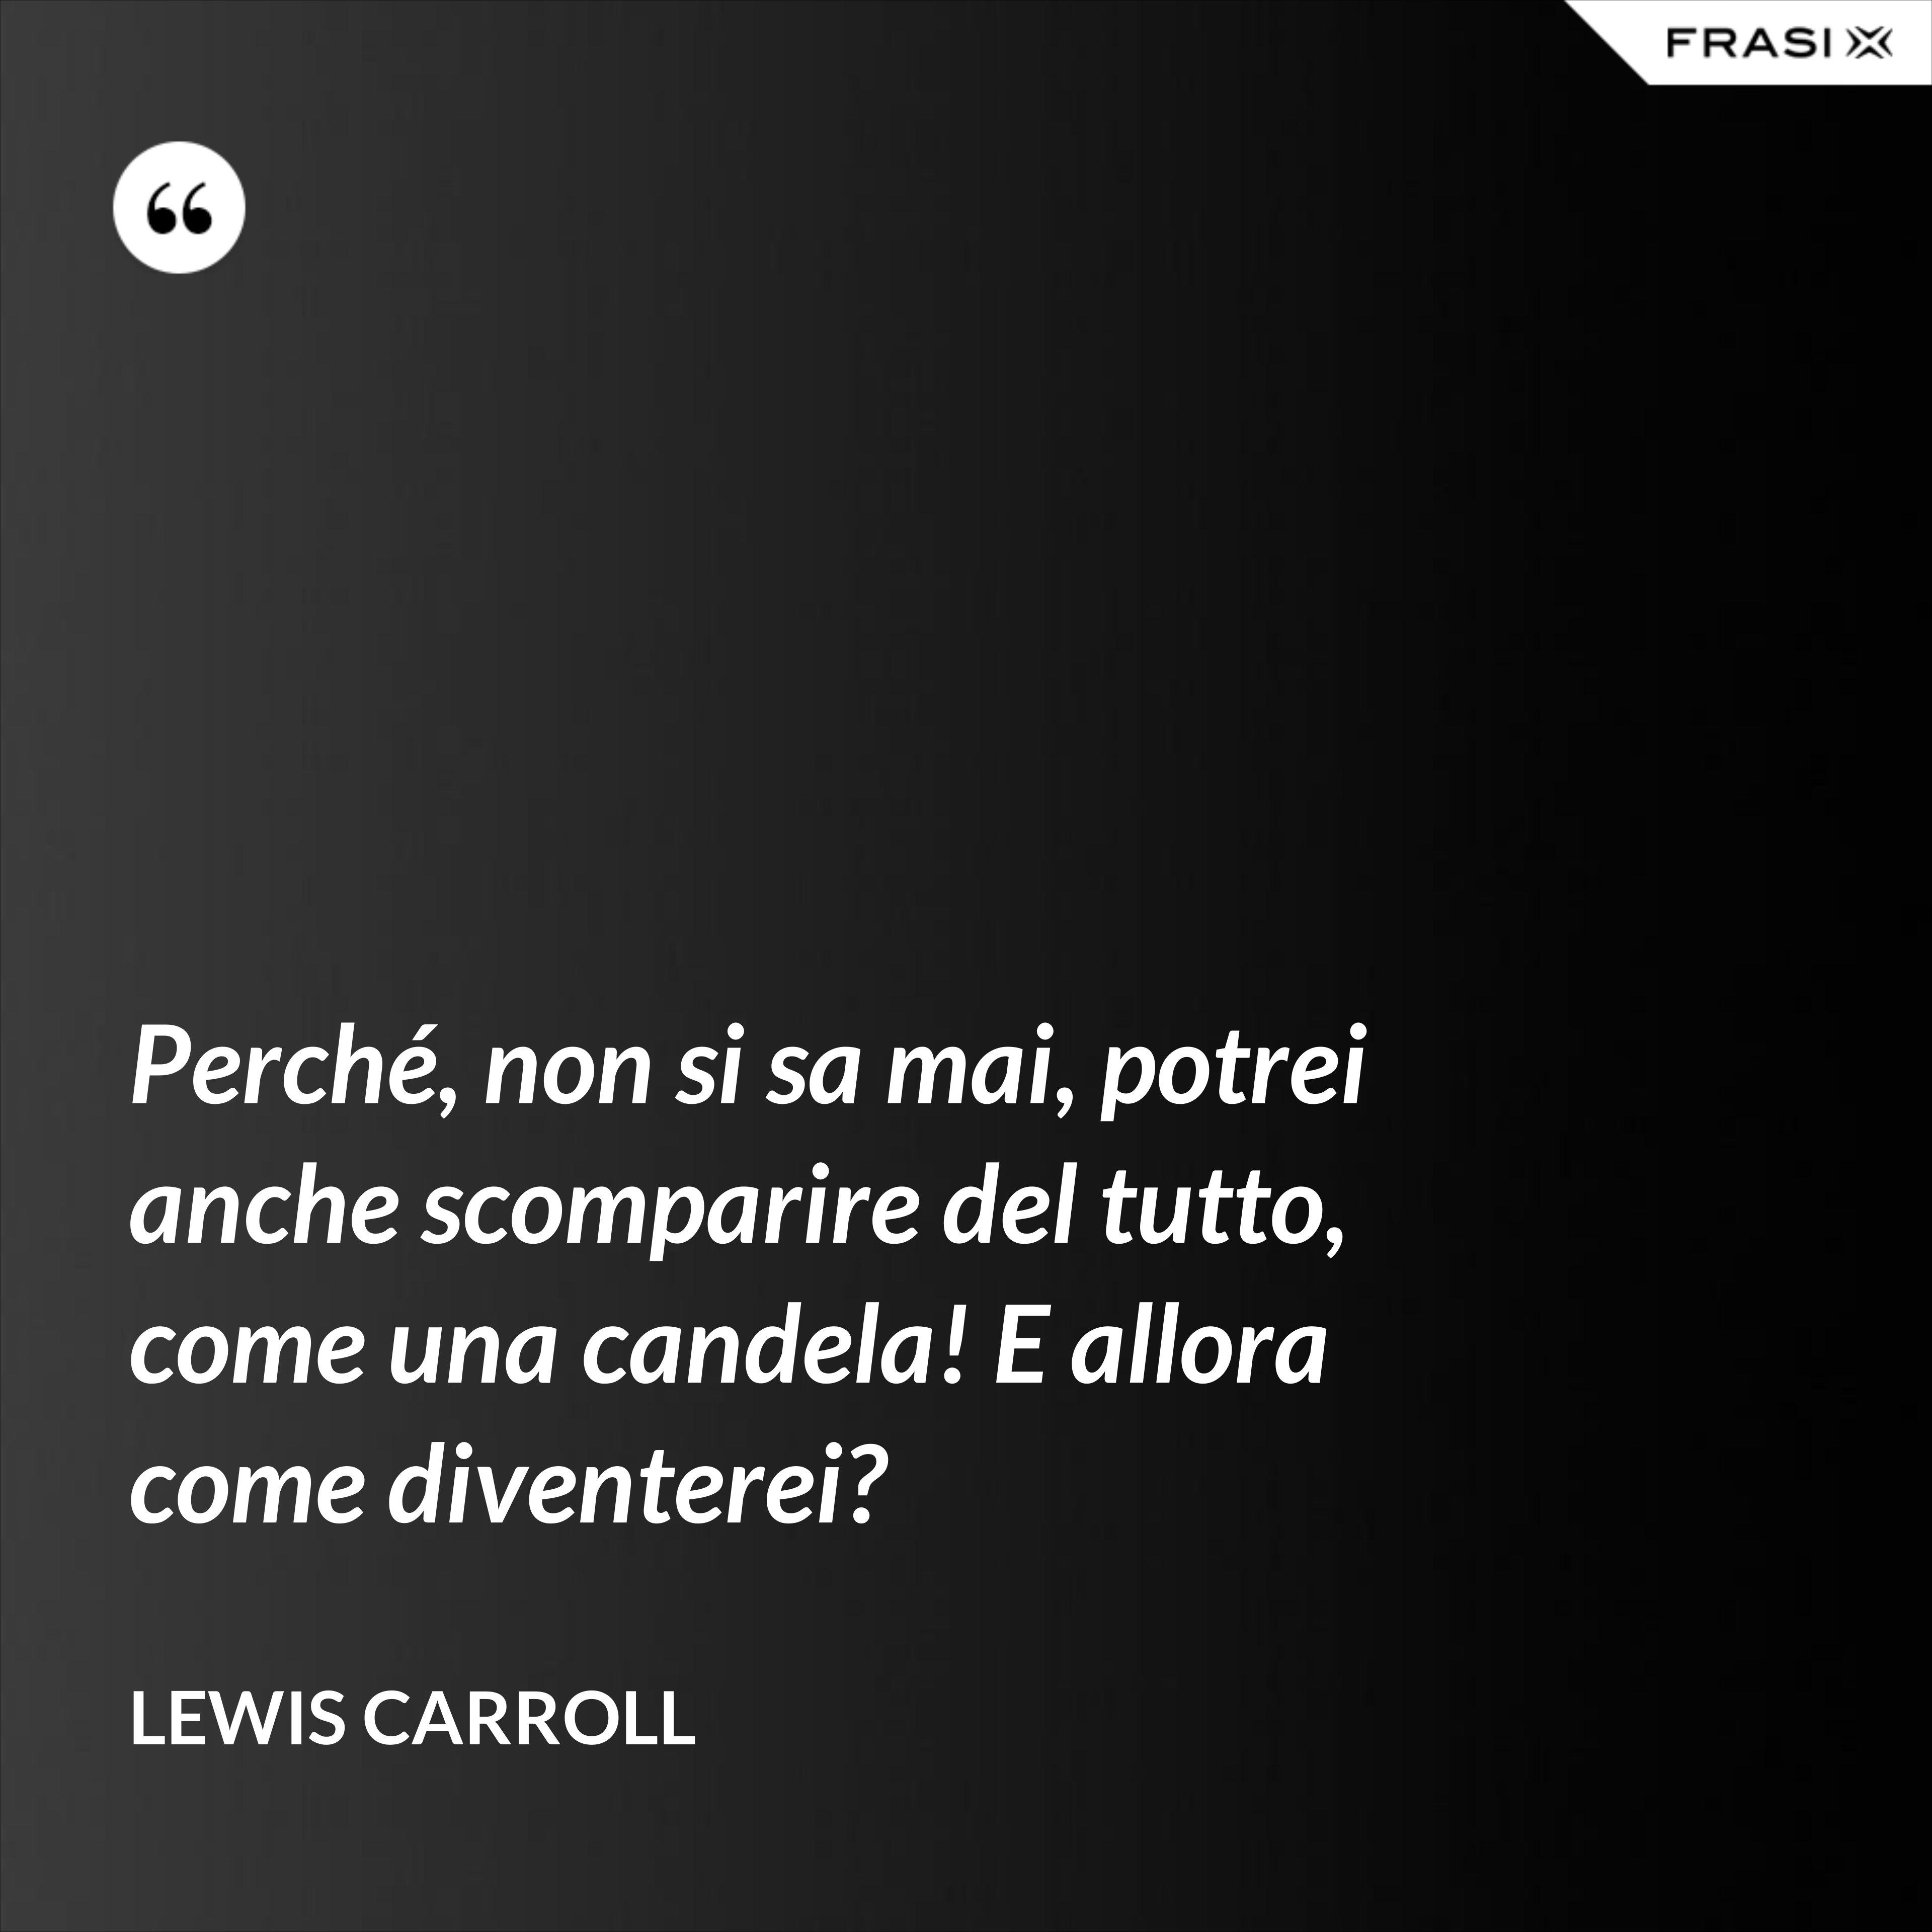 Perché, non si sa mai, potrei anche scomparire del tutto, come una candela! E allora come diventerei? - Lewis Carroll